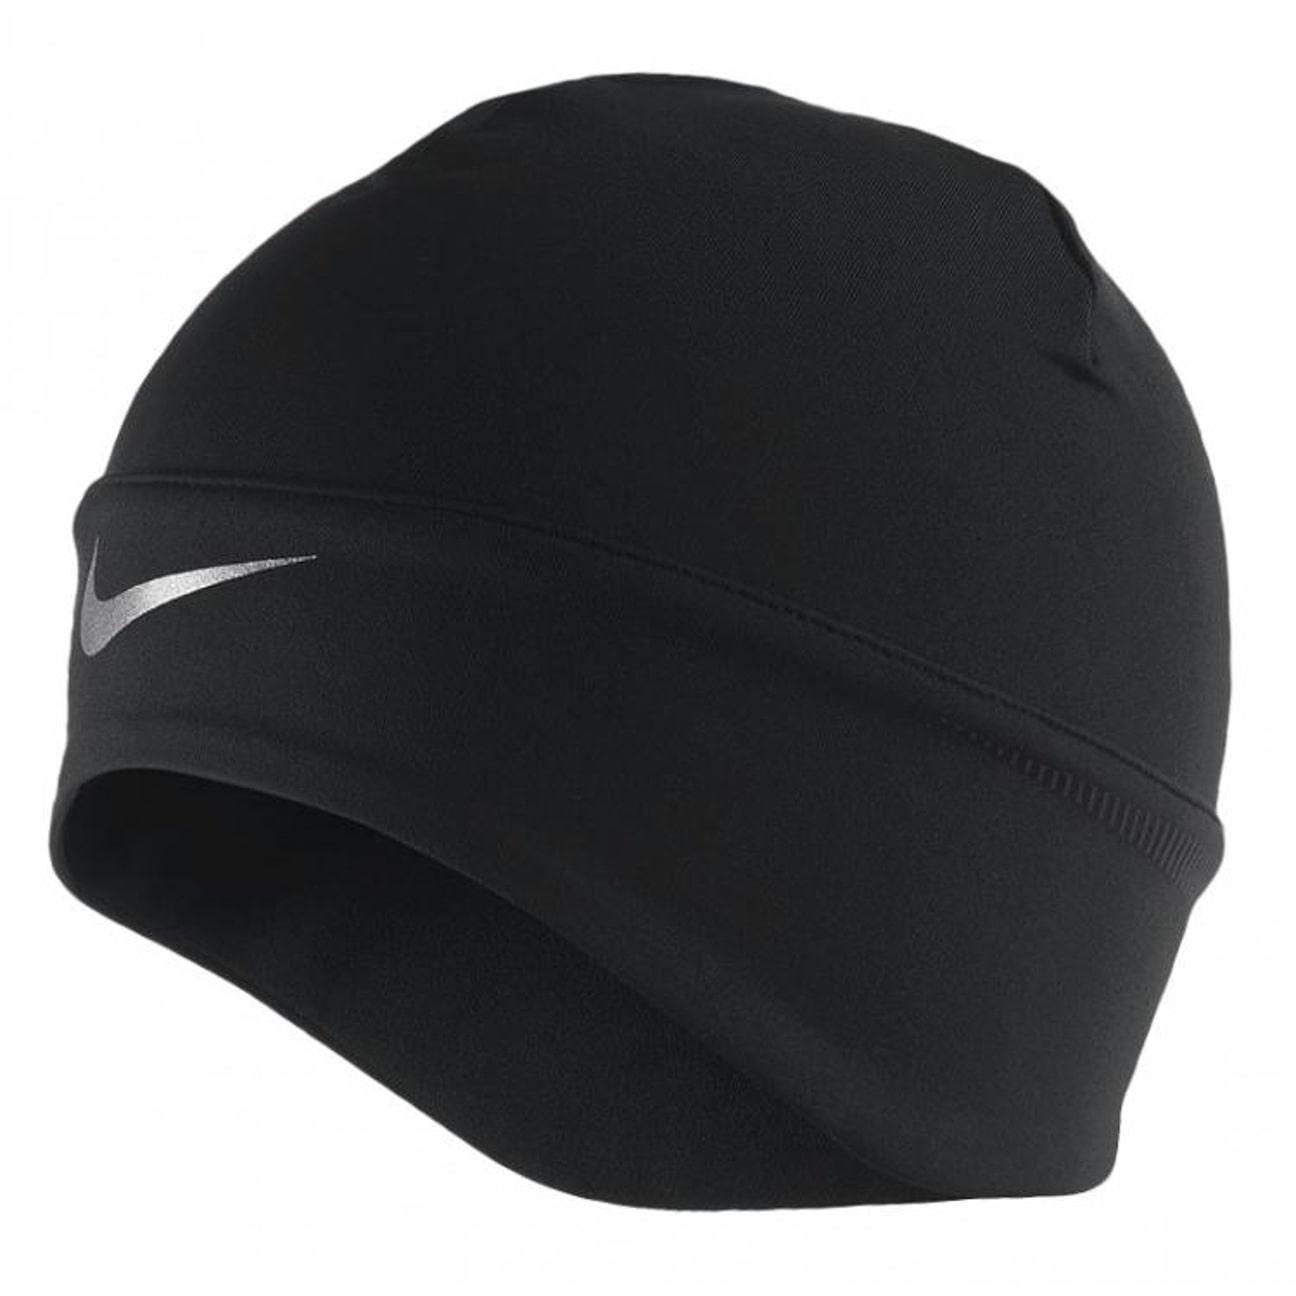 994512f6552 where to buy running skull cap by nike black 1 c4e09 e9bc4